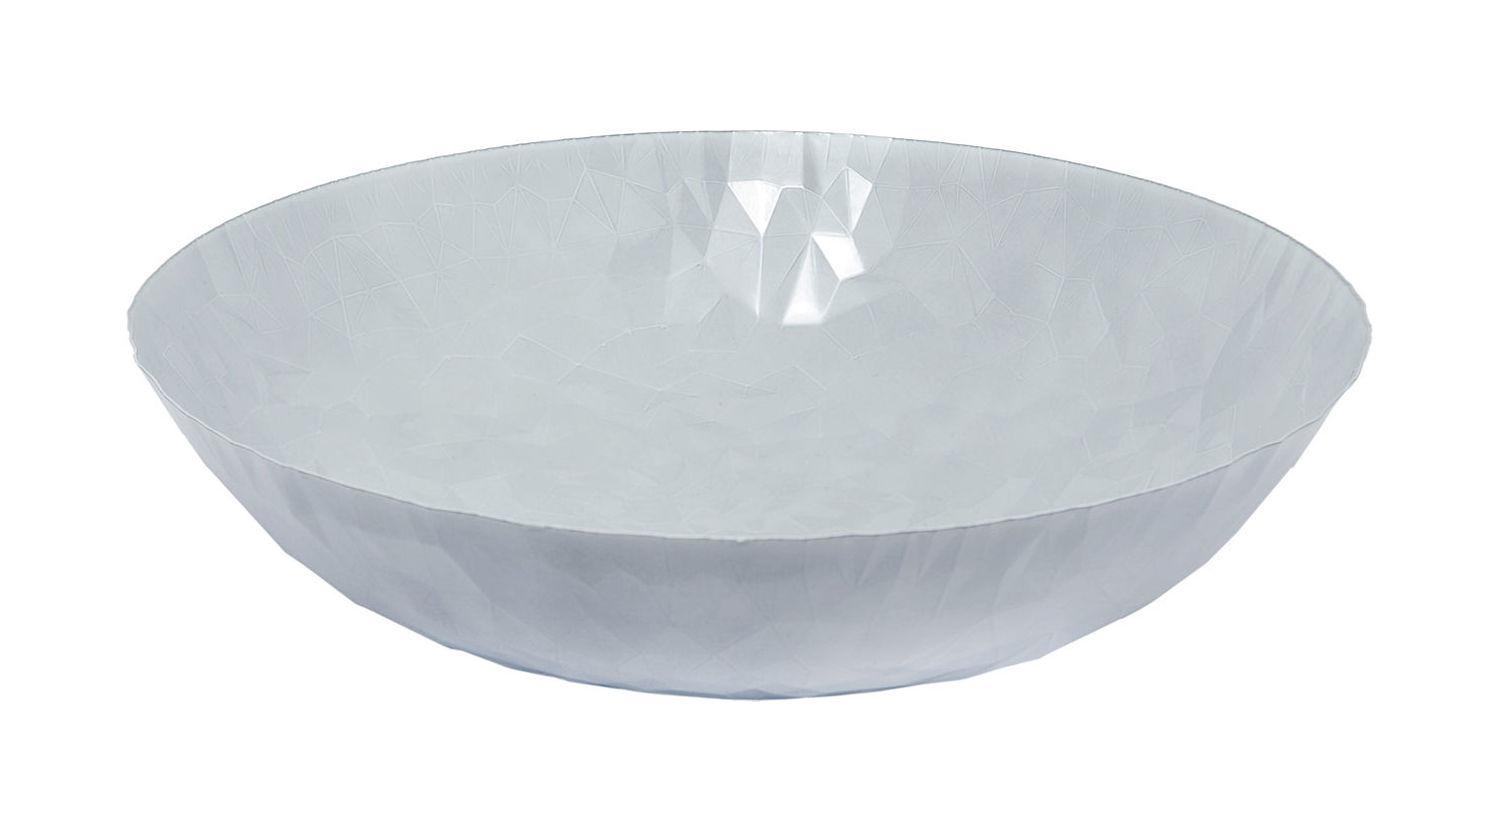 Arts de la table - Corbeilles, centres de table - Centre de table Joy n.11 / Ø 37 cm - Alessi - Blanc - Acier inoxydable avec coloration résine époxy